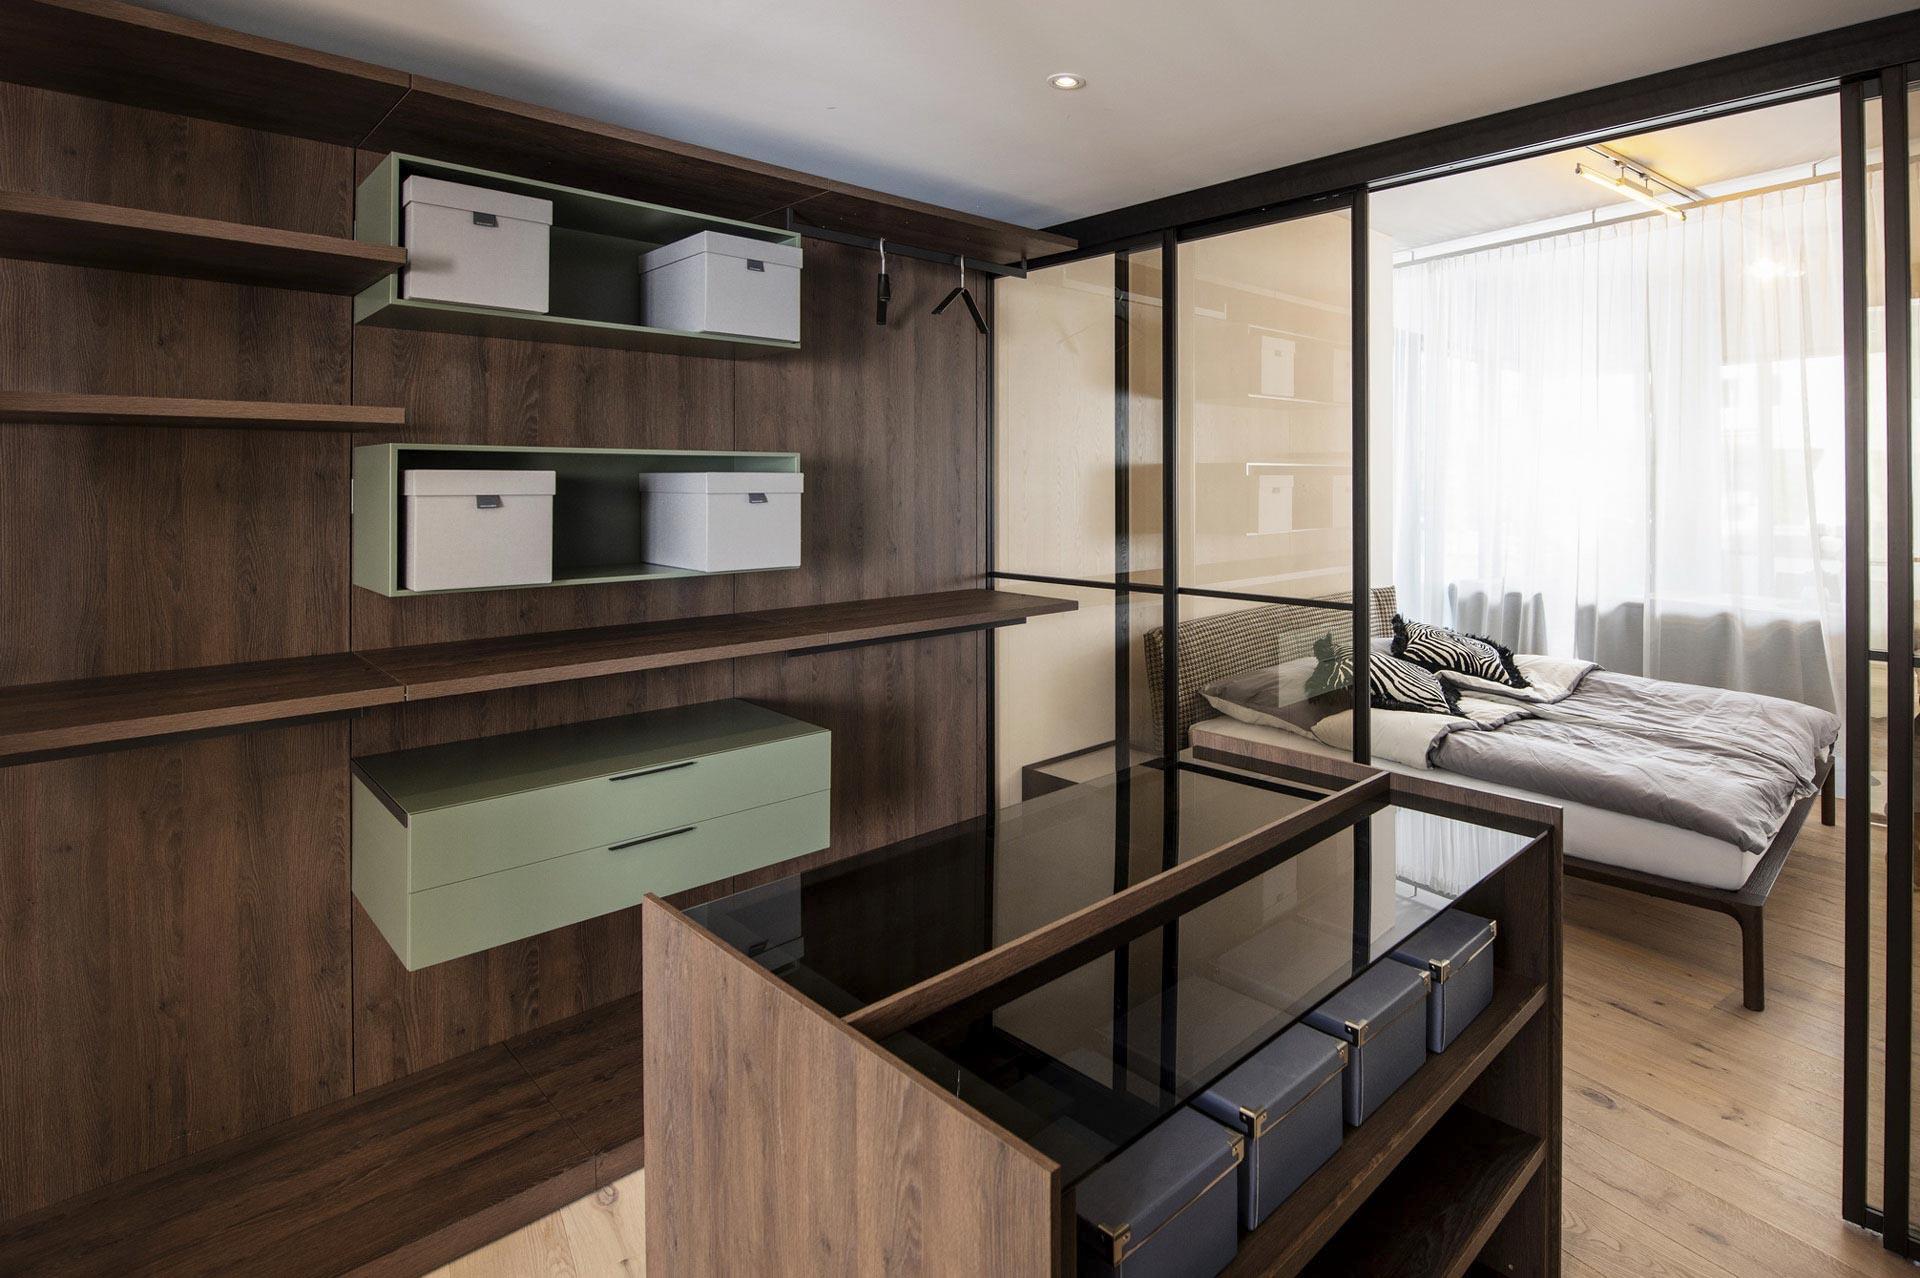 couchzone - Interior Design Innsbruck - Garderoben und begehbarer Kleiderschrank